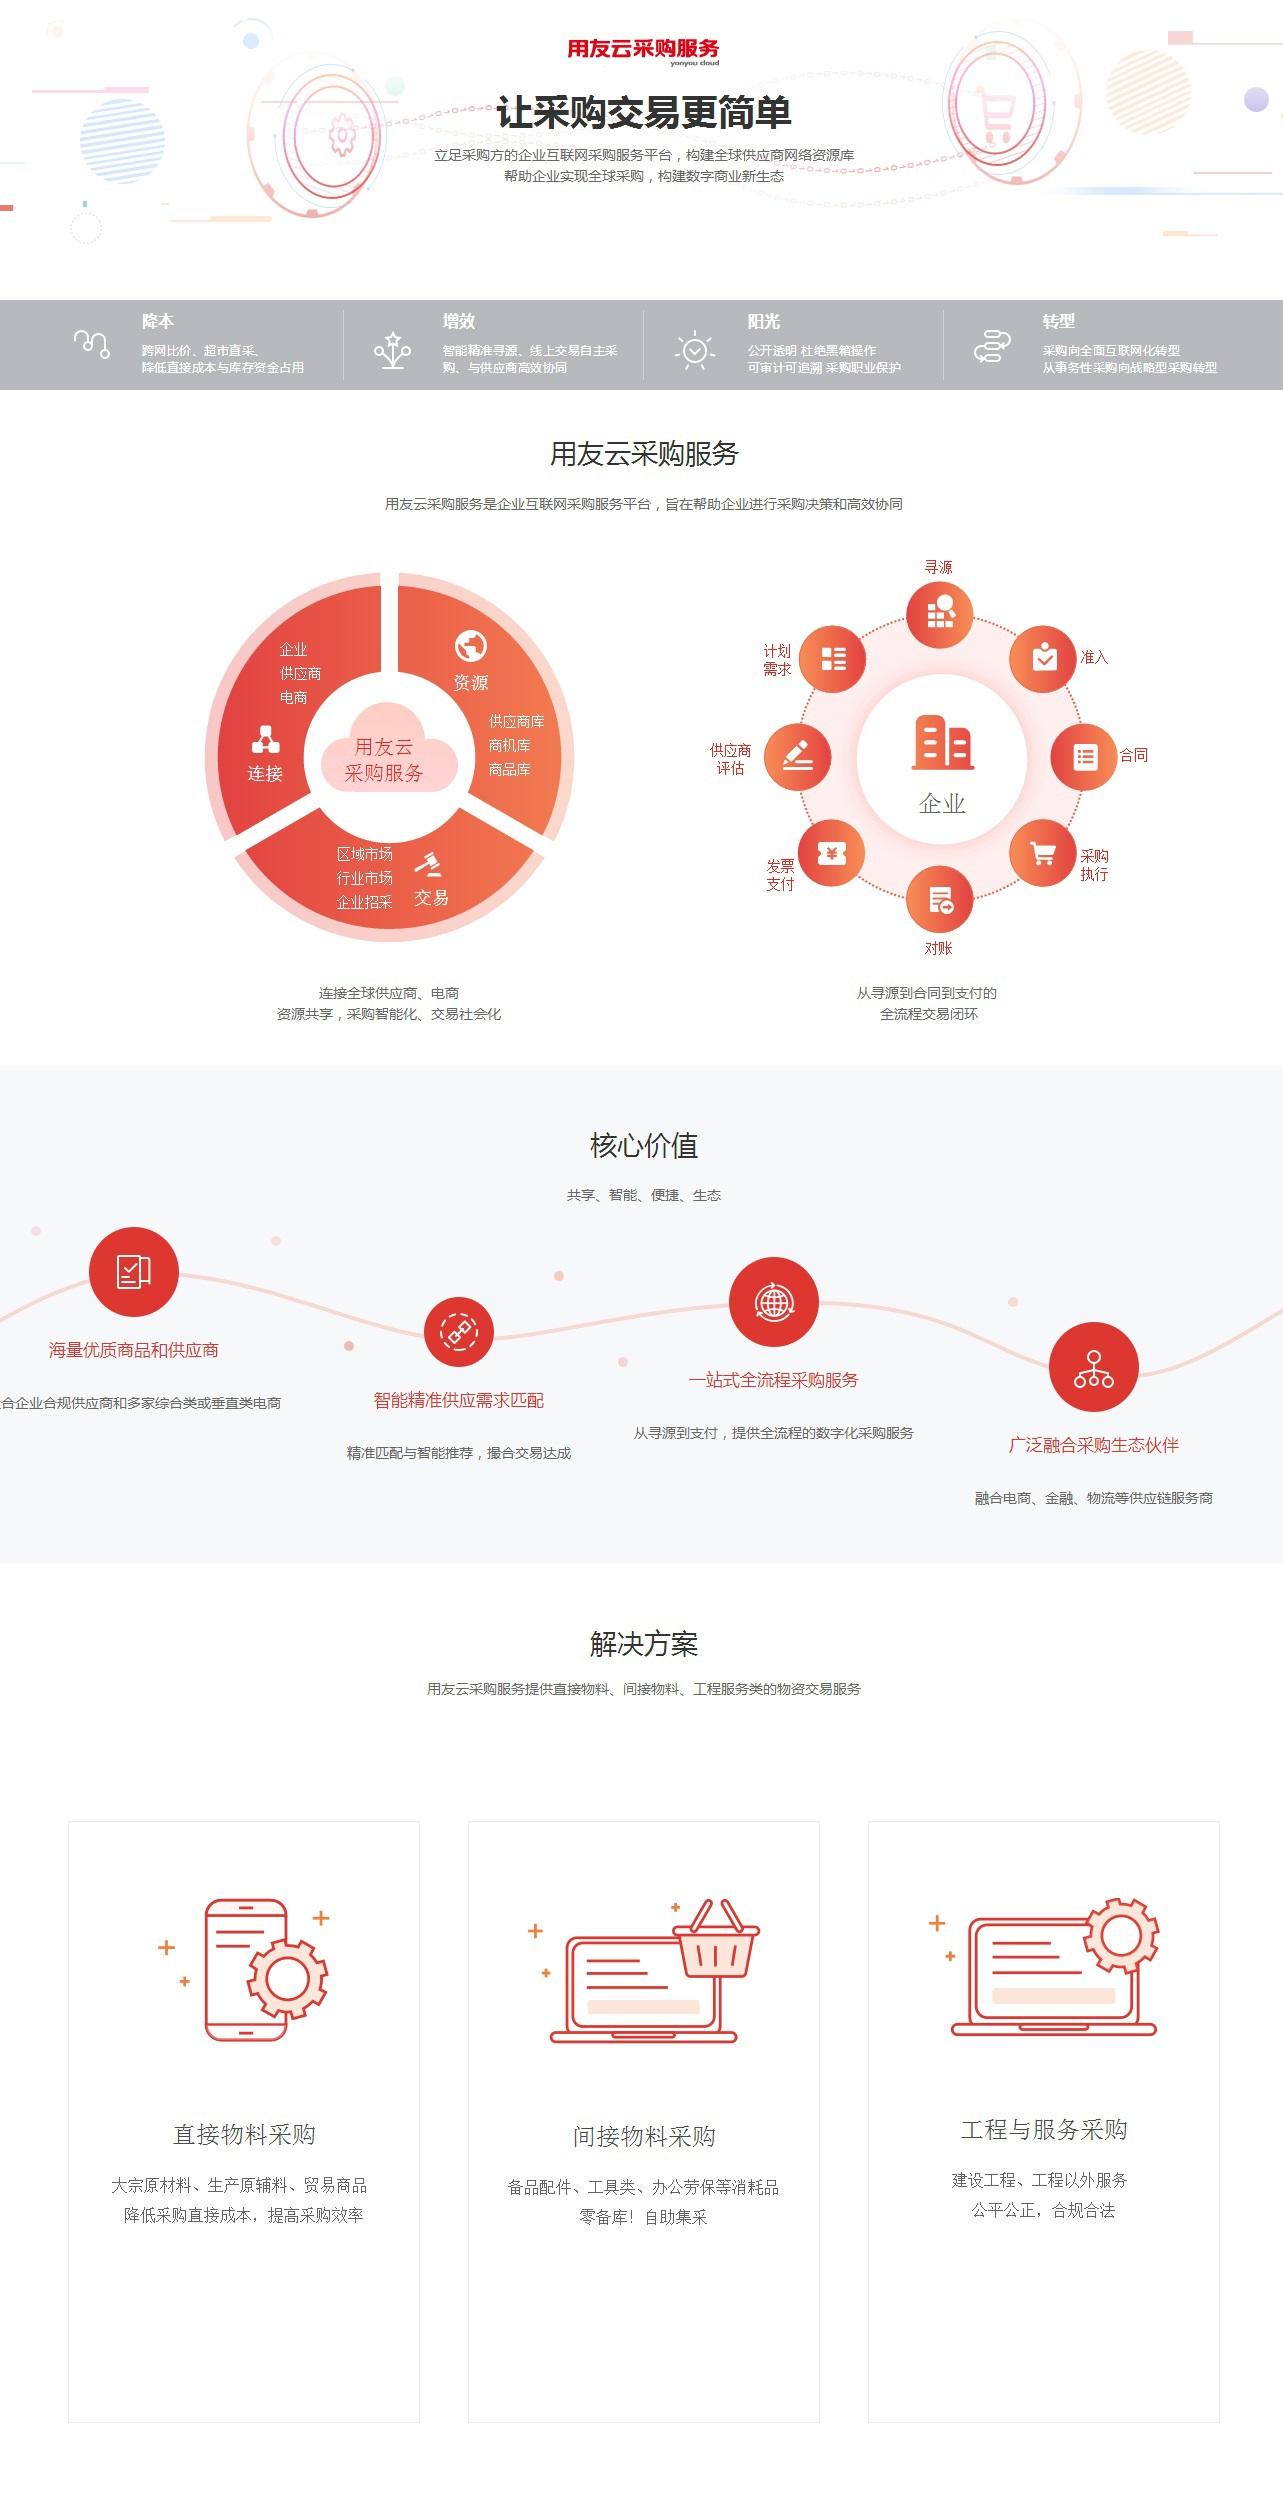 采购云产品配图1.jpg